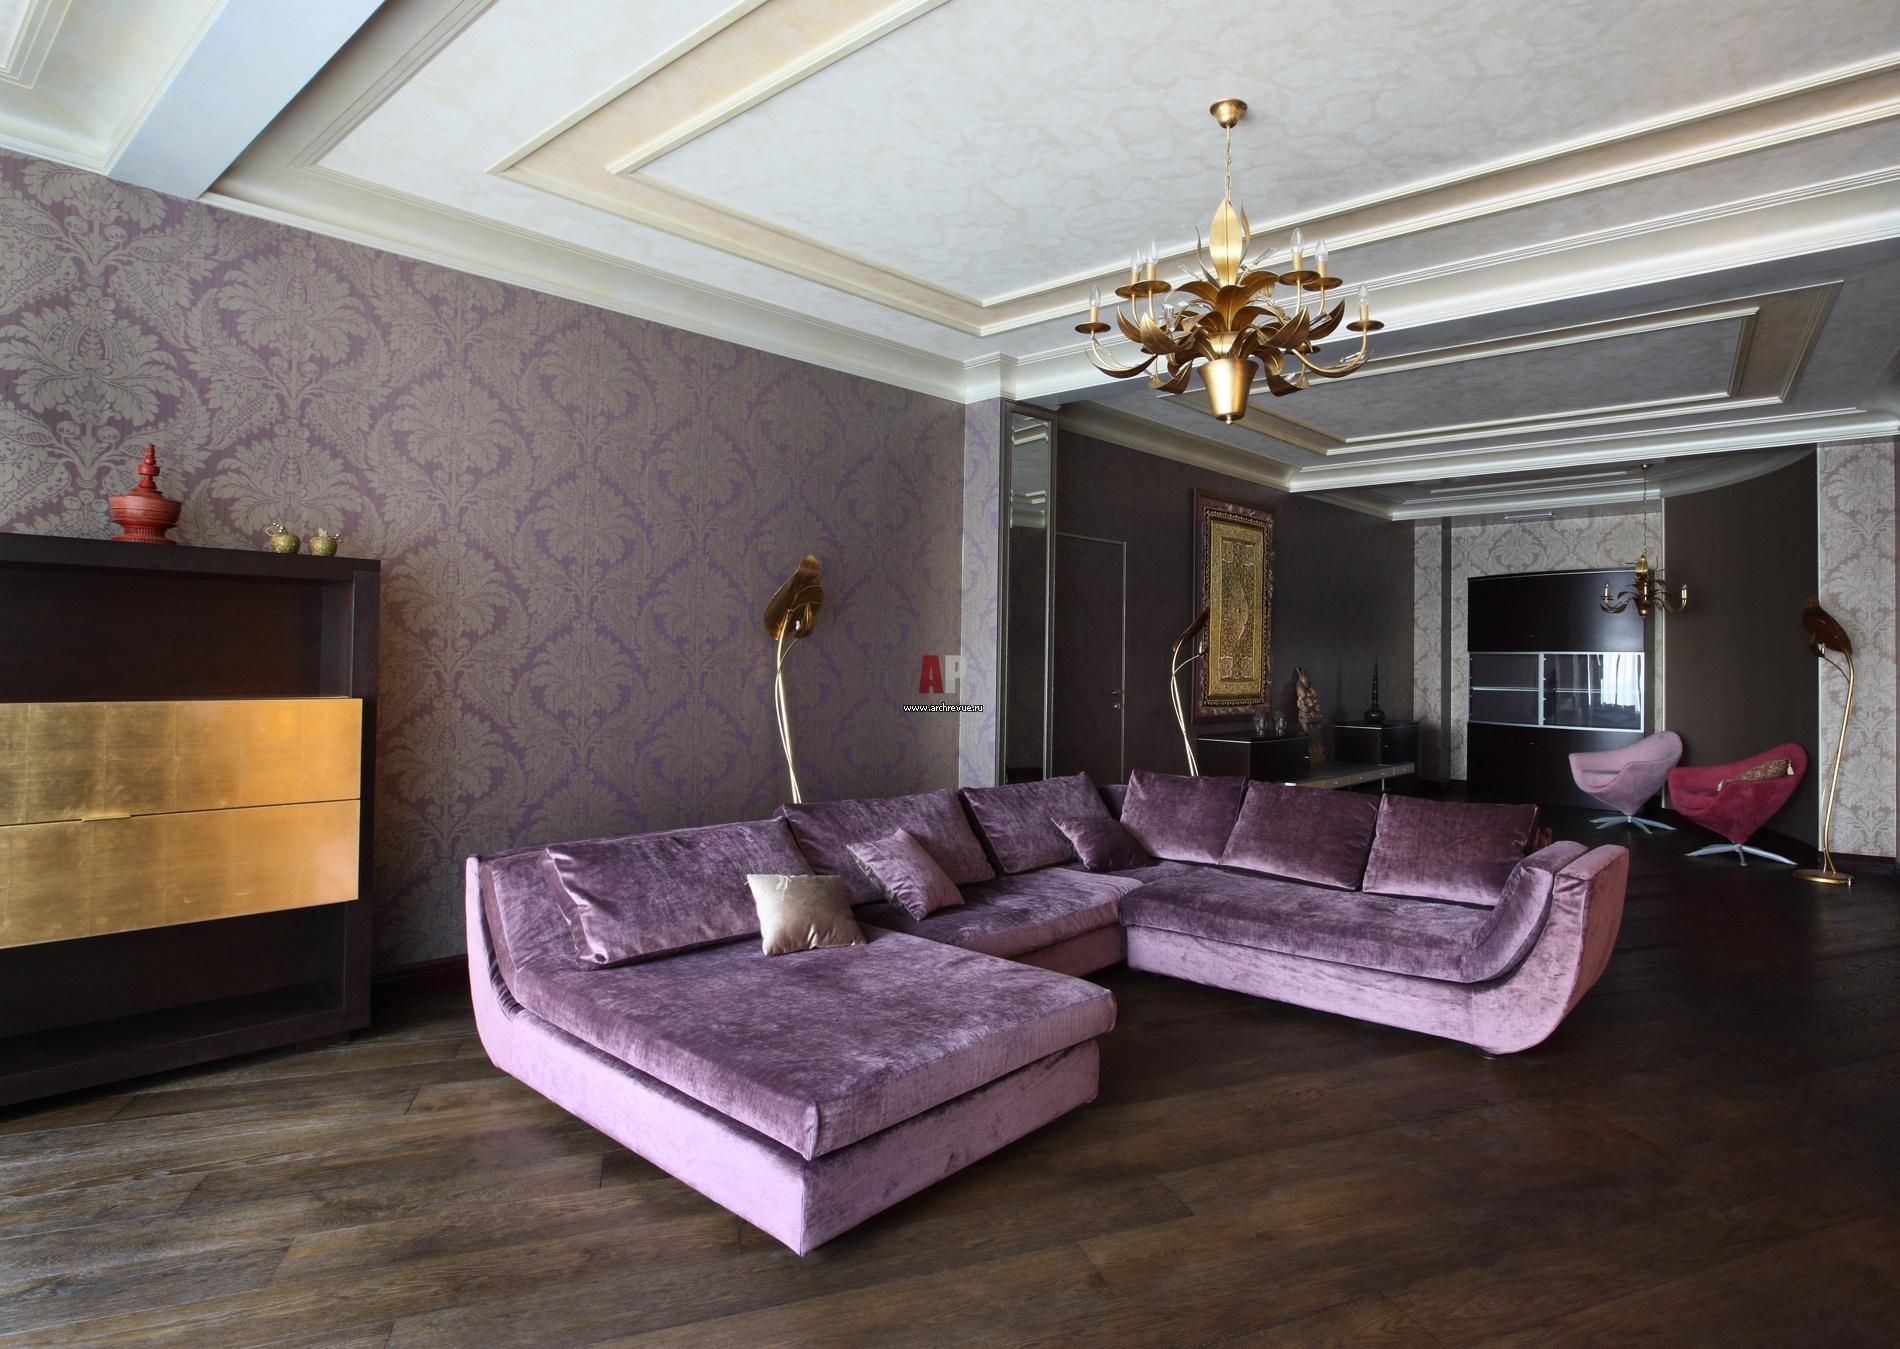 Спальня классическая интерьер